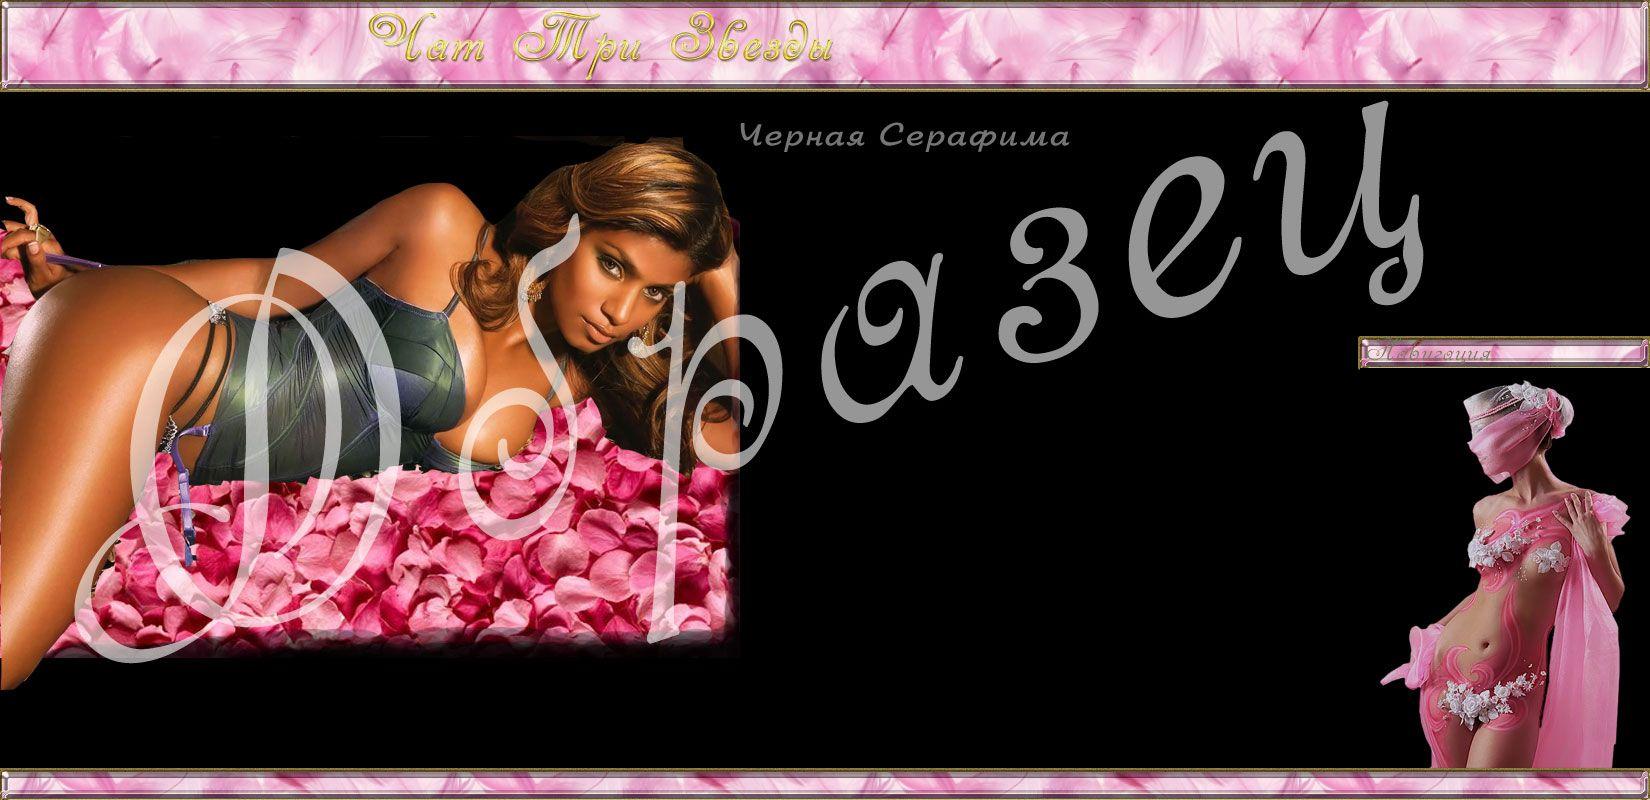 Дизайнер Черная Серафима 1350812536-435